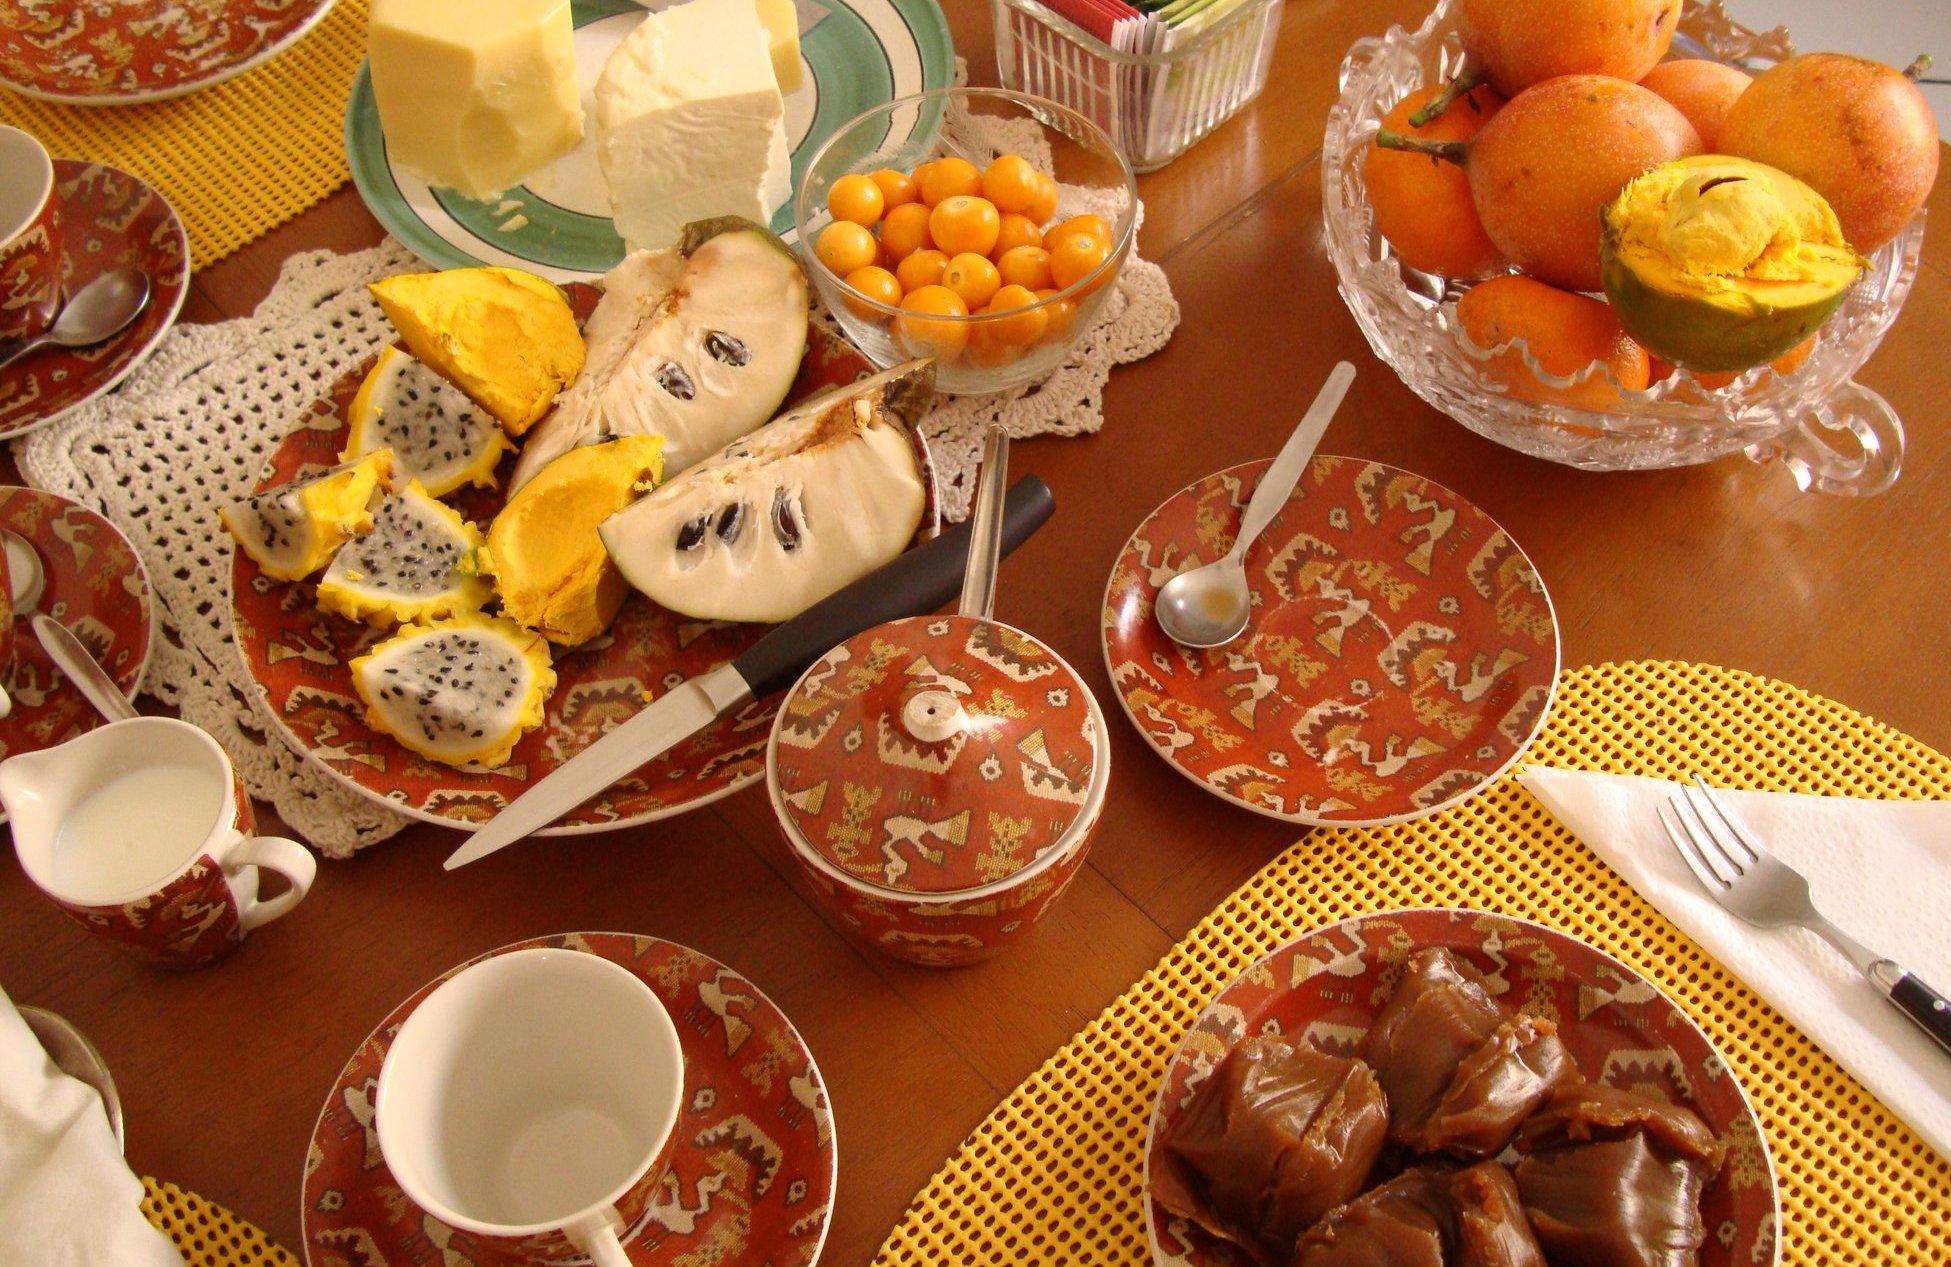 Miercolessinpalabras desayuno en casa peru delicias - Desayunos en casa ...